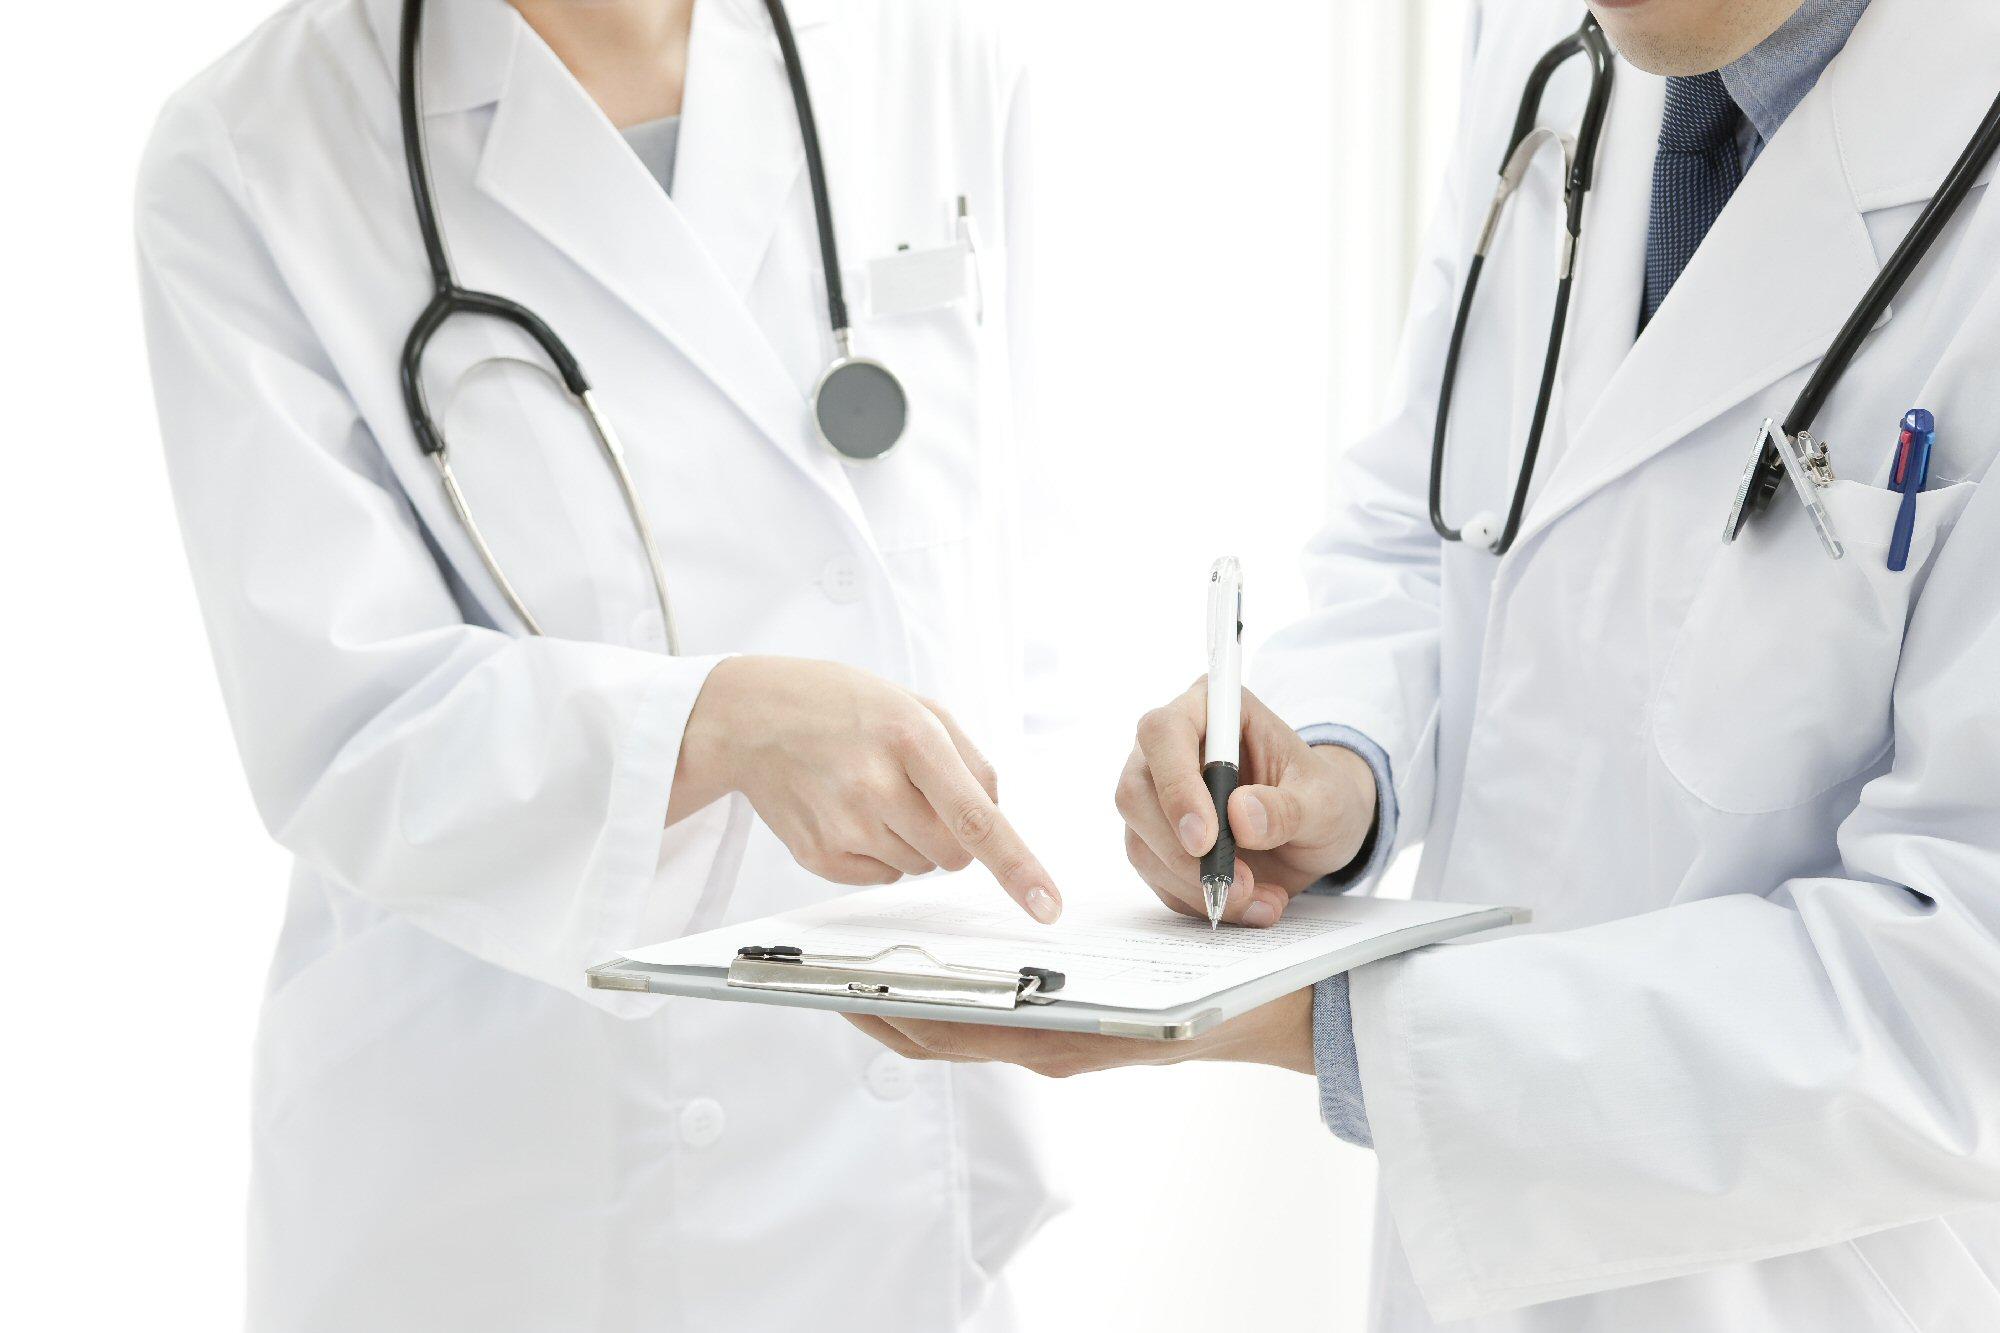 Sanità: concorsi, per i nuovi primari attese infinite